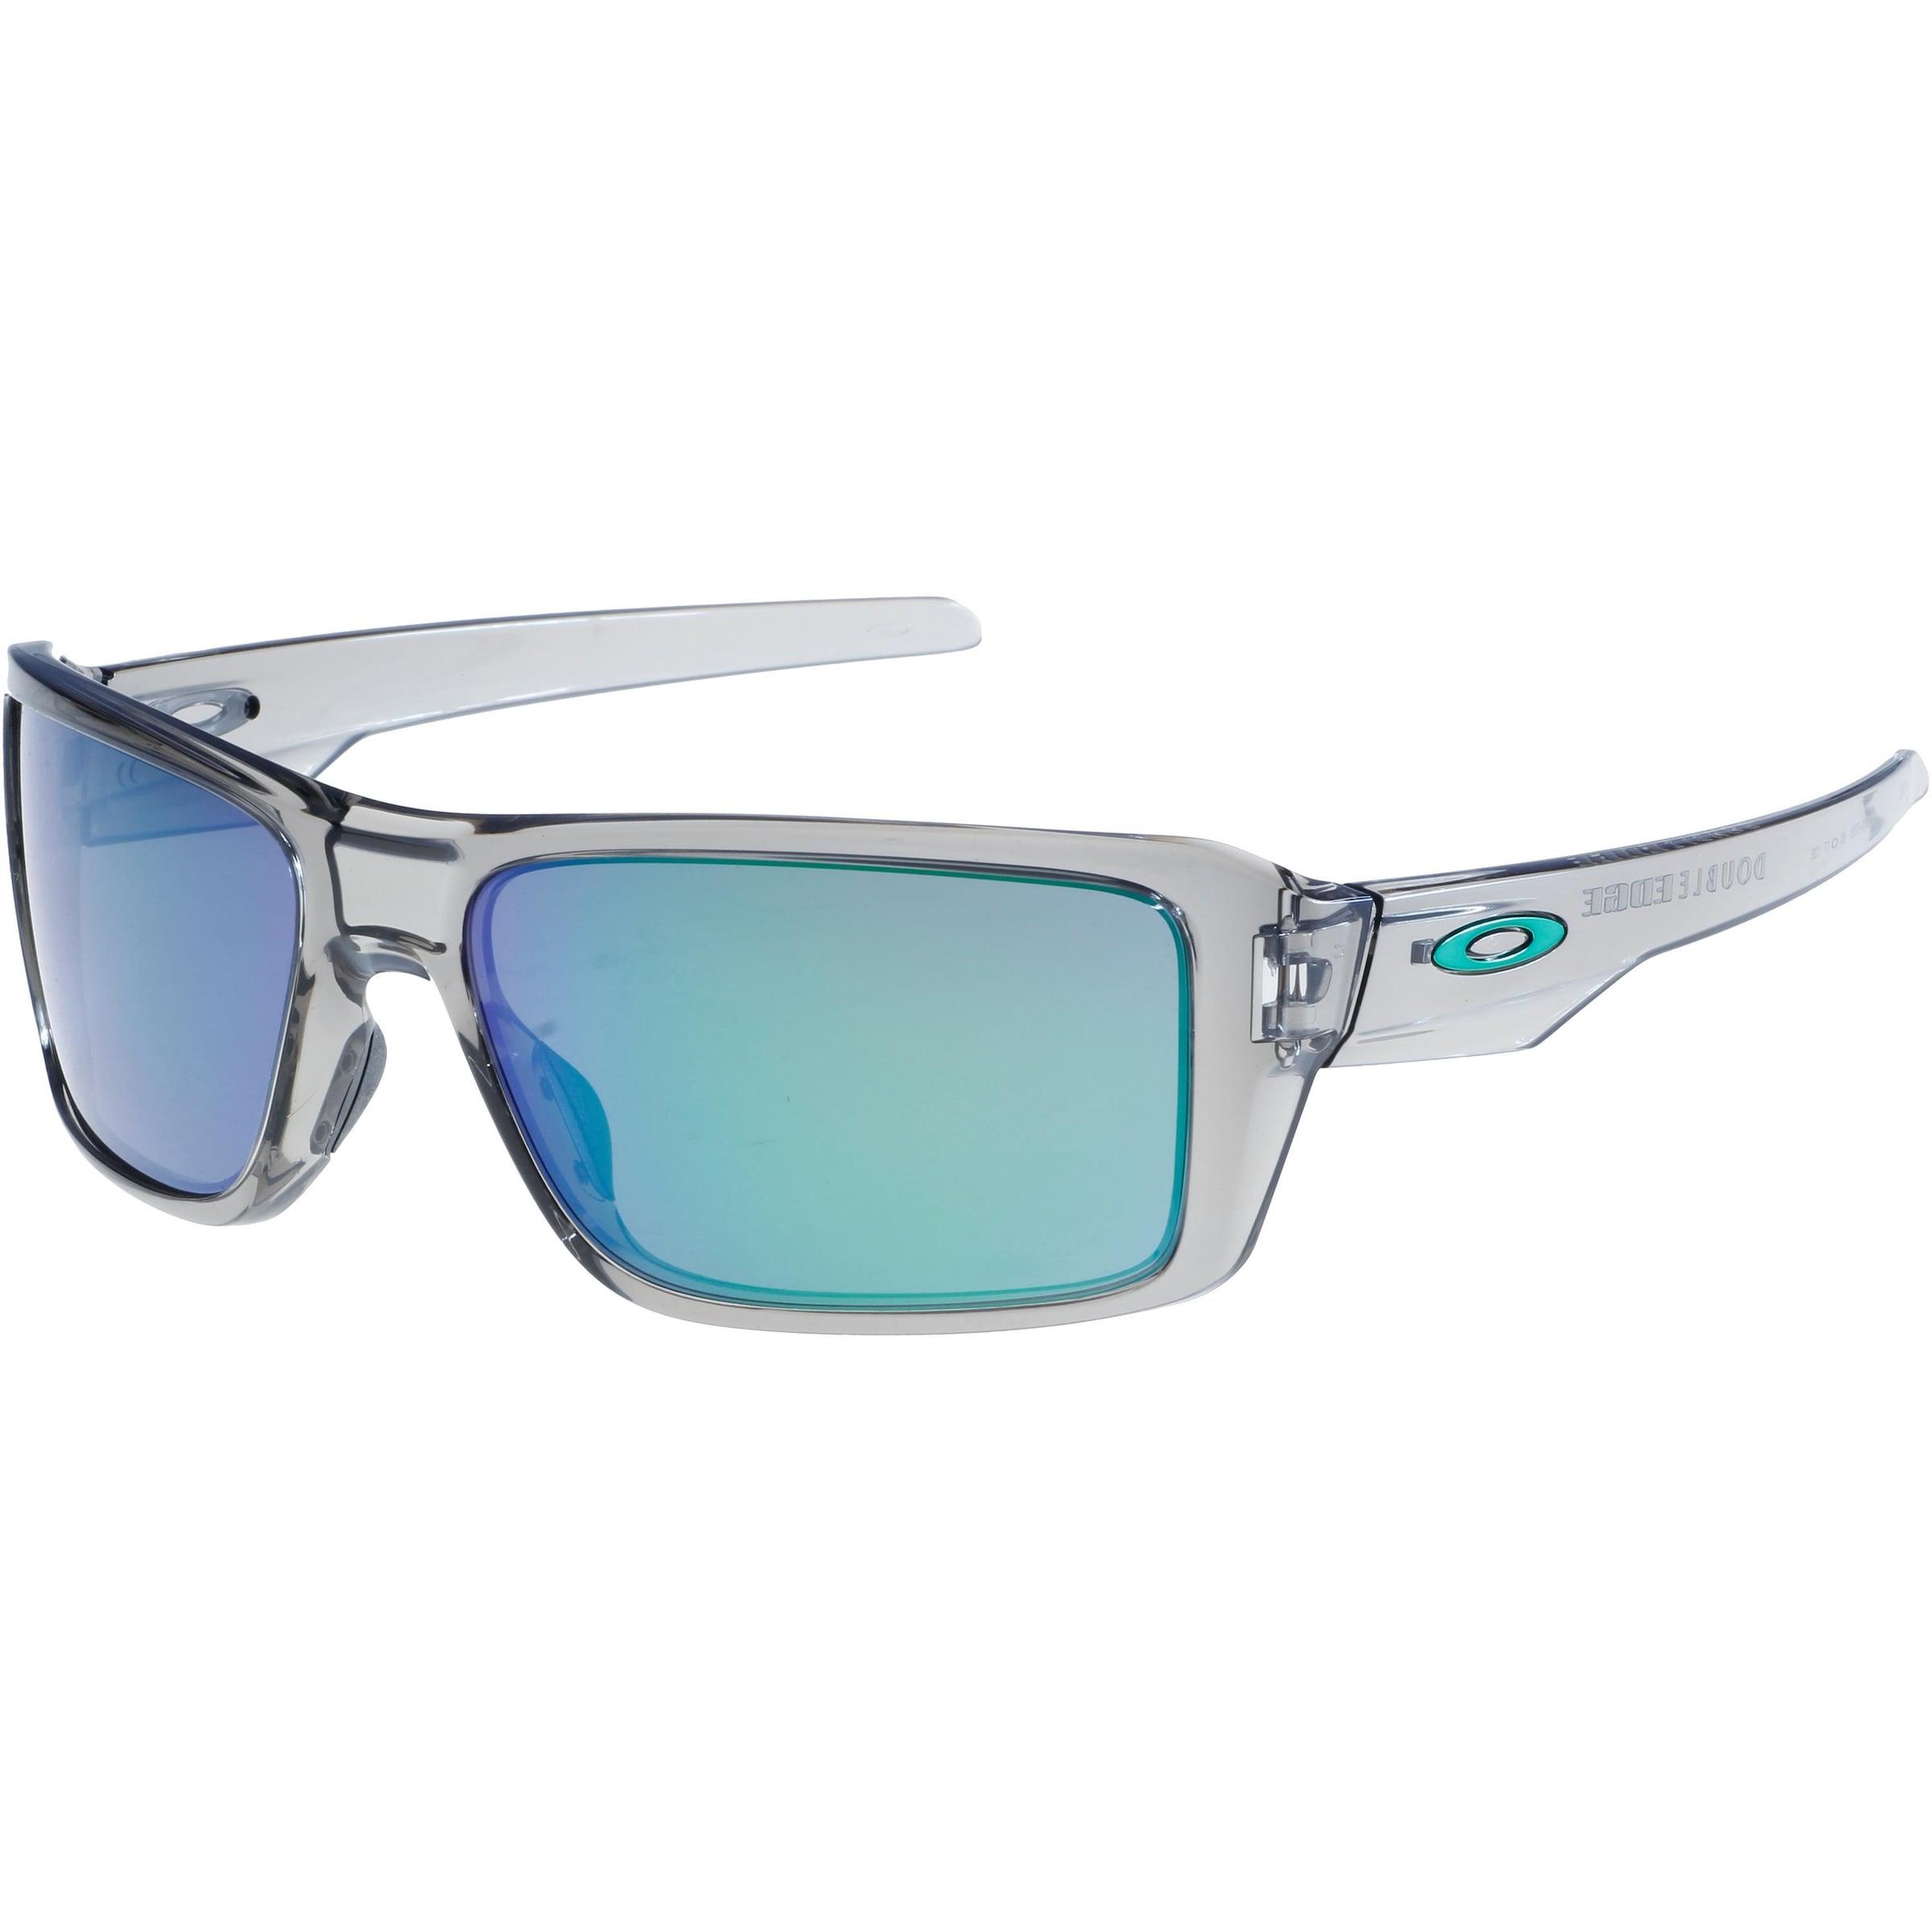 OAKLEY 'Double Edge' Sonnenbrille Wirklich Online-Verkauf 2mqET